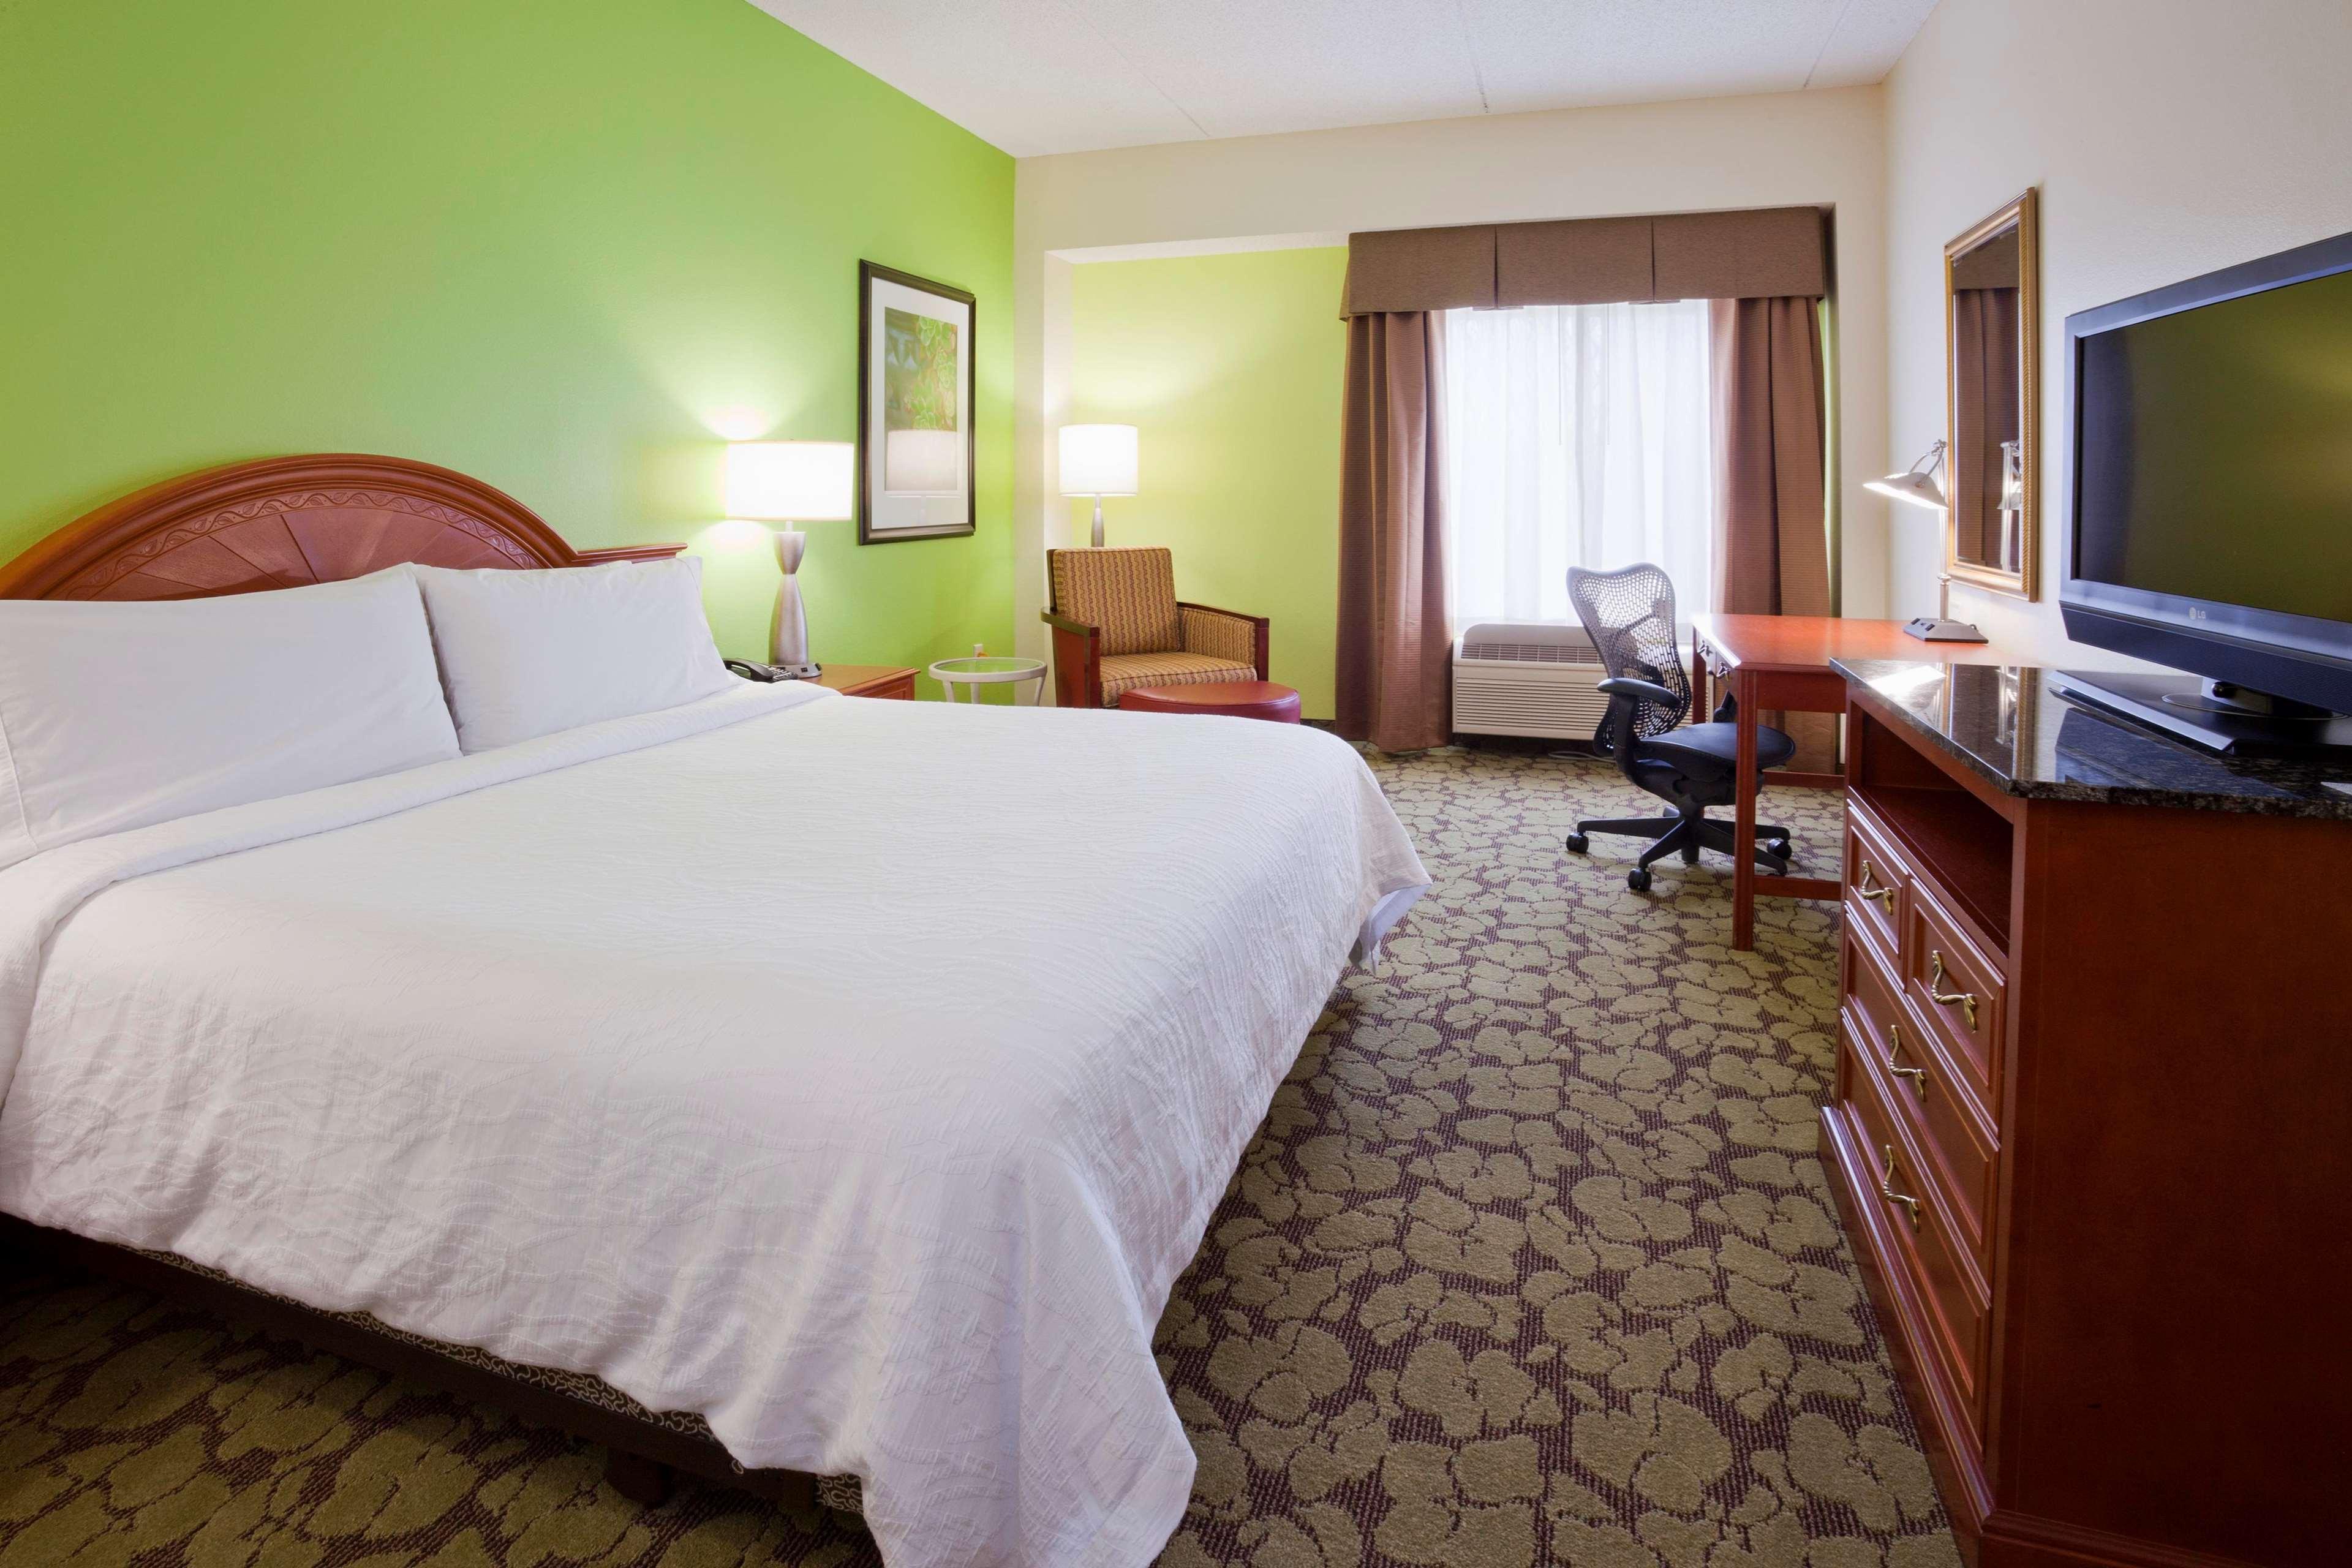 Hilton Garden Inn Minneapolis/Bloomington image 21